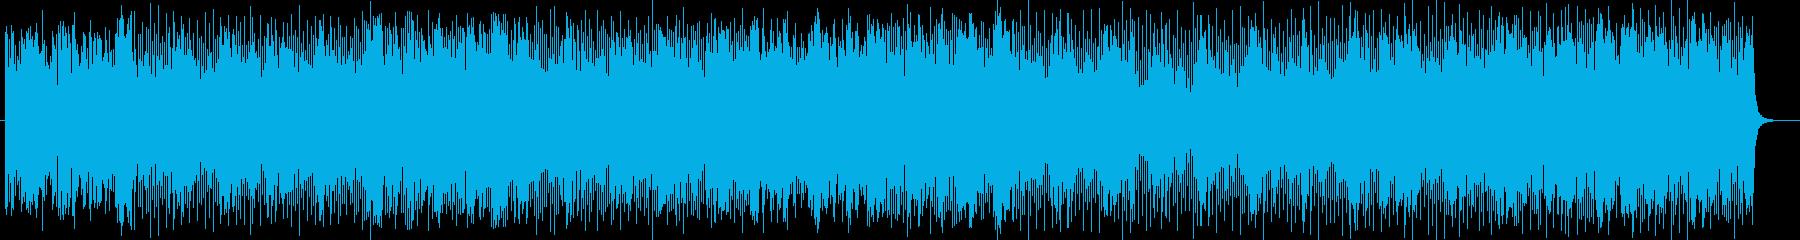 疾走感のあるダイナミックなポップスの再生済みの波形